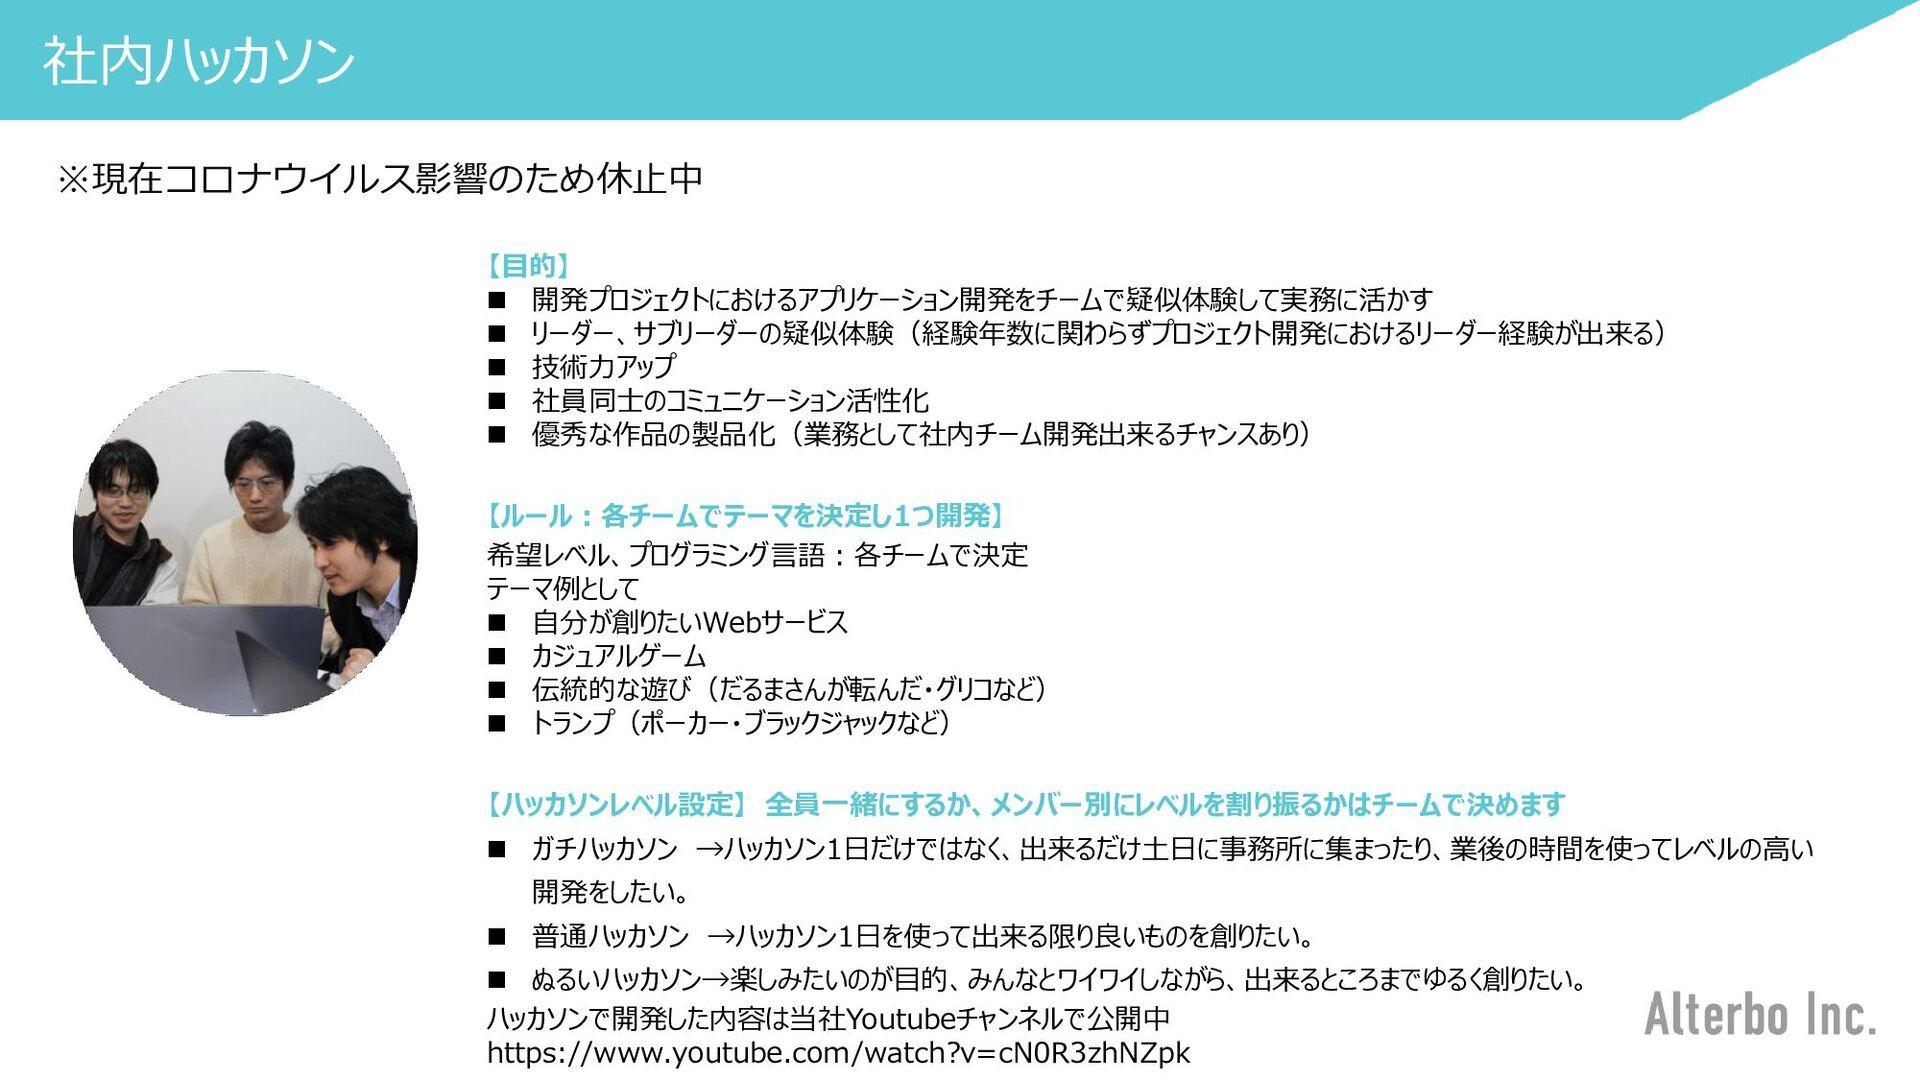 キャリアパス事例⑤ 中途入社HKさん 中小IT企業から当社へ転職、オンプレ(Linux)を経て...